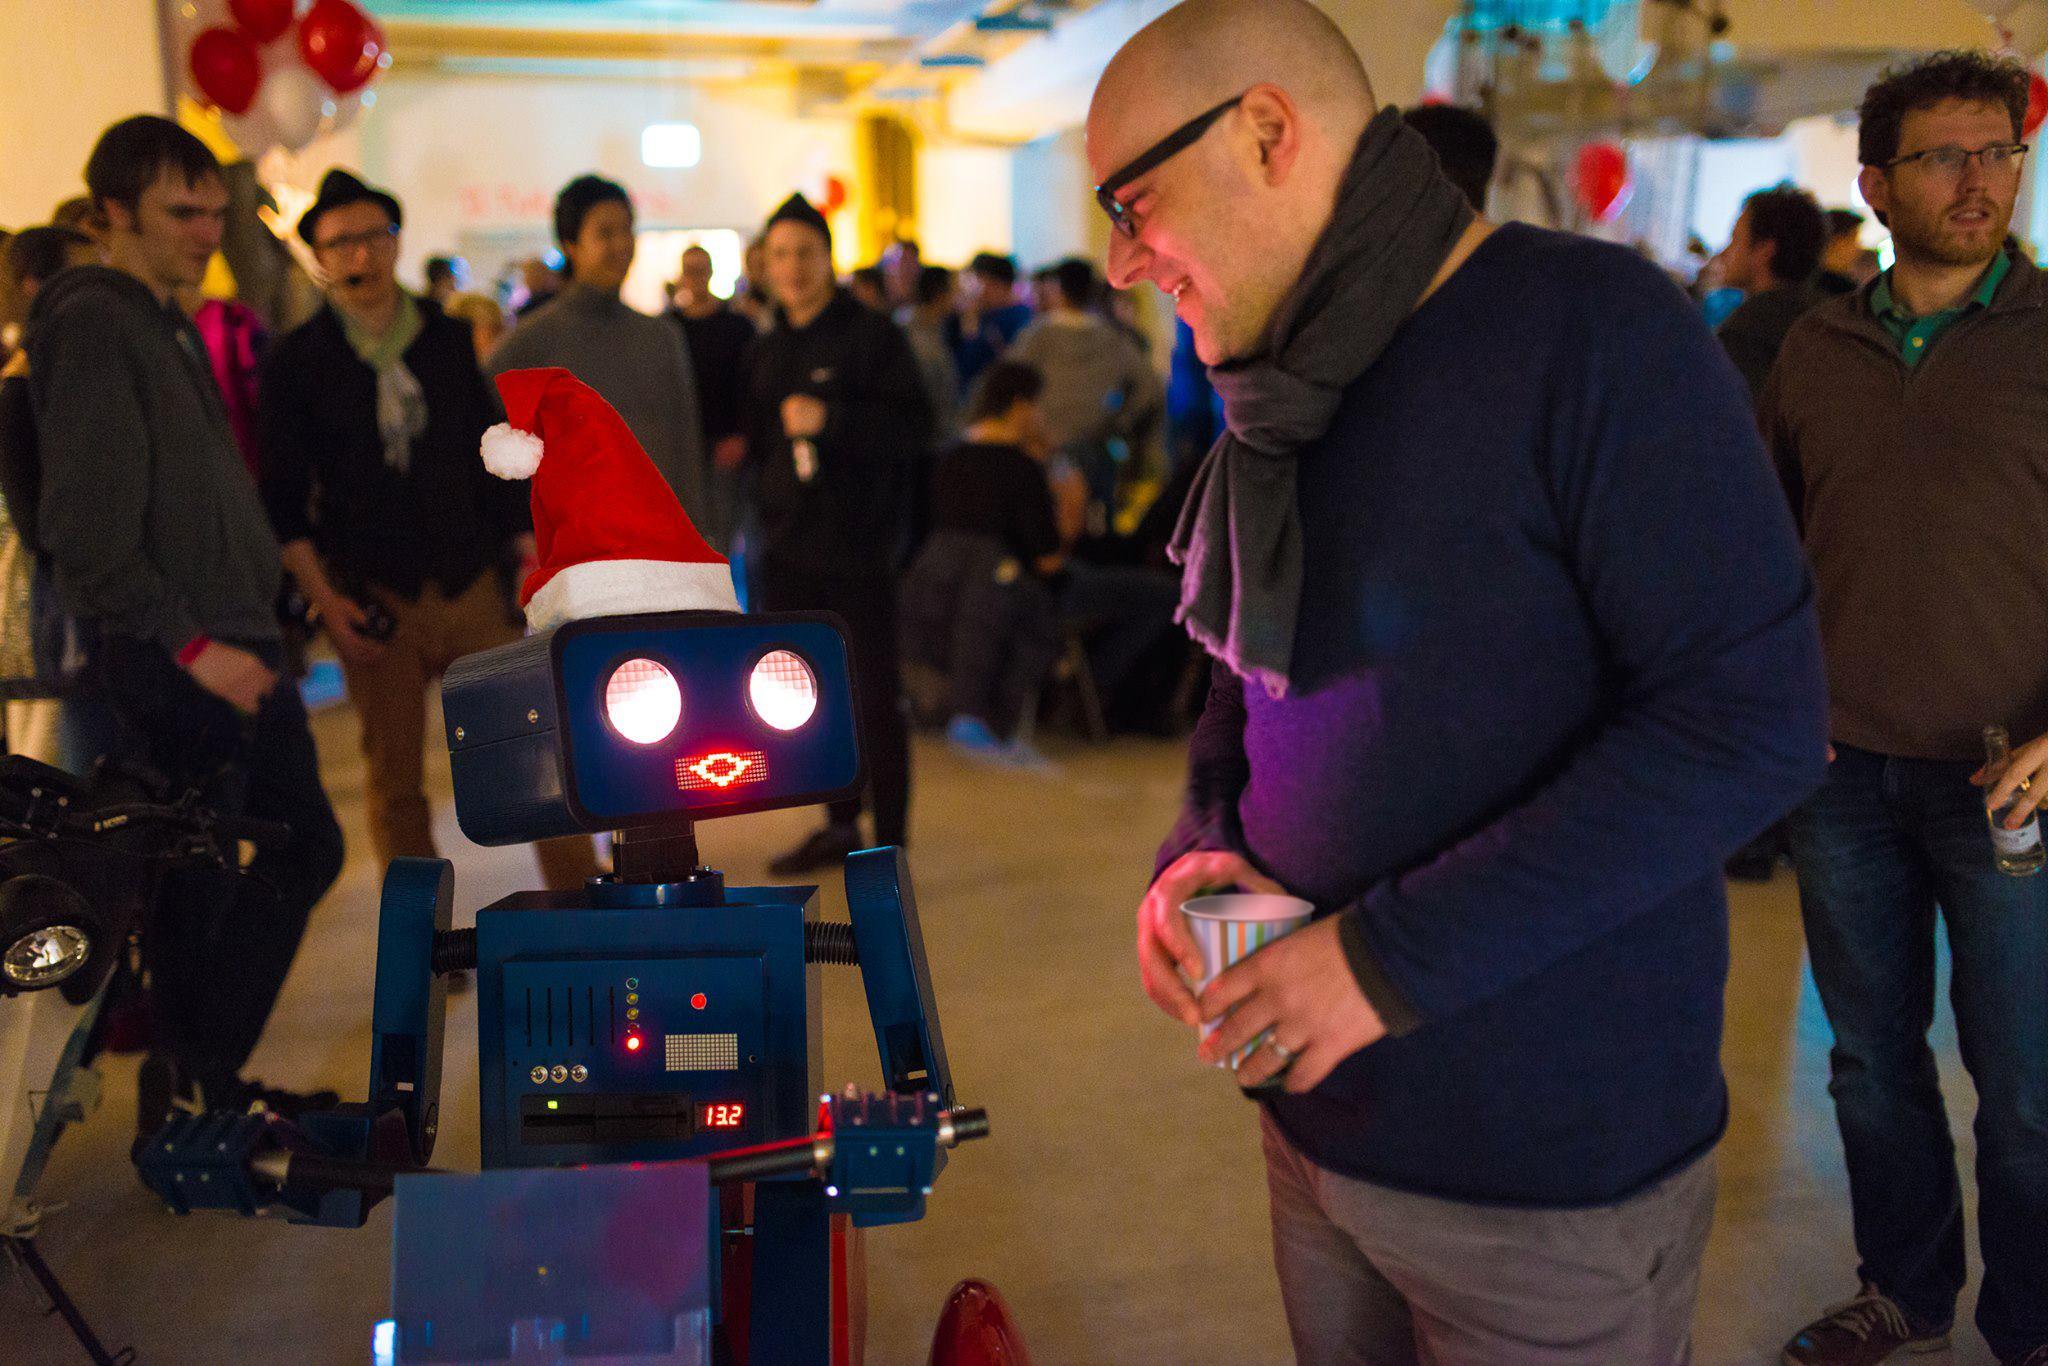 2015-12-10 Hugo Twillio Winterparty Weihnachtsmann Mütze kaffeebecher